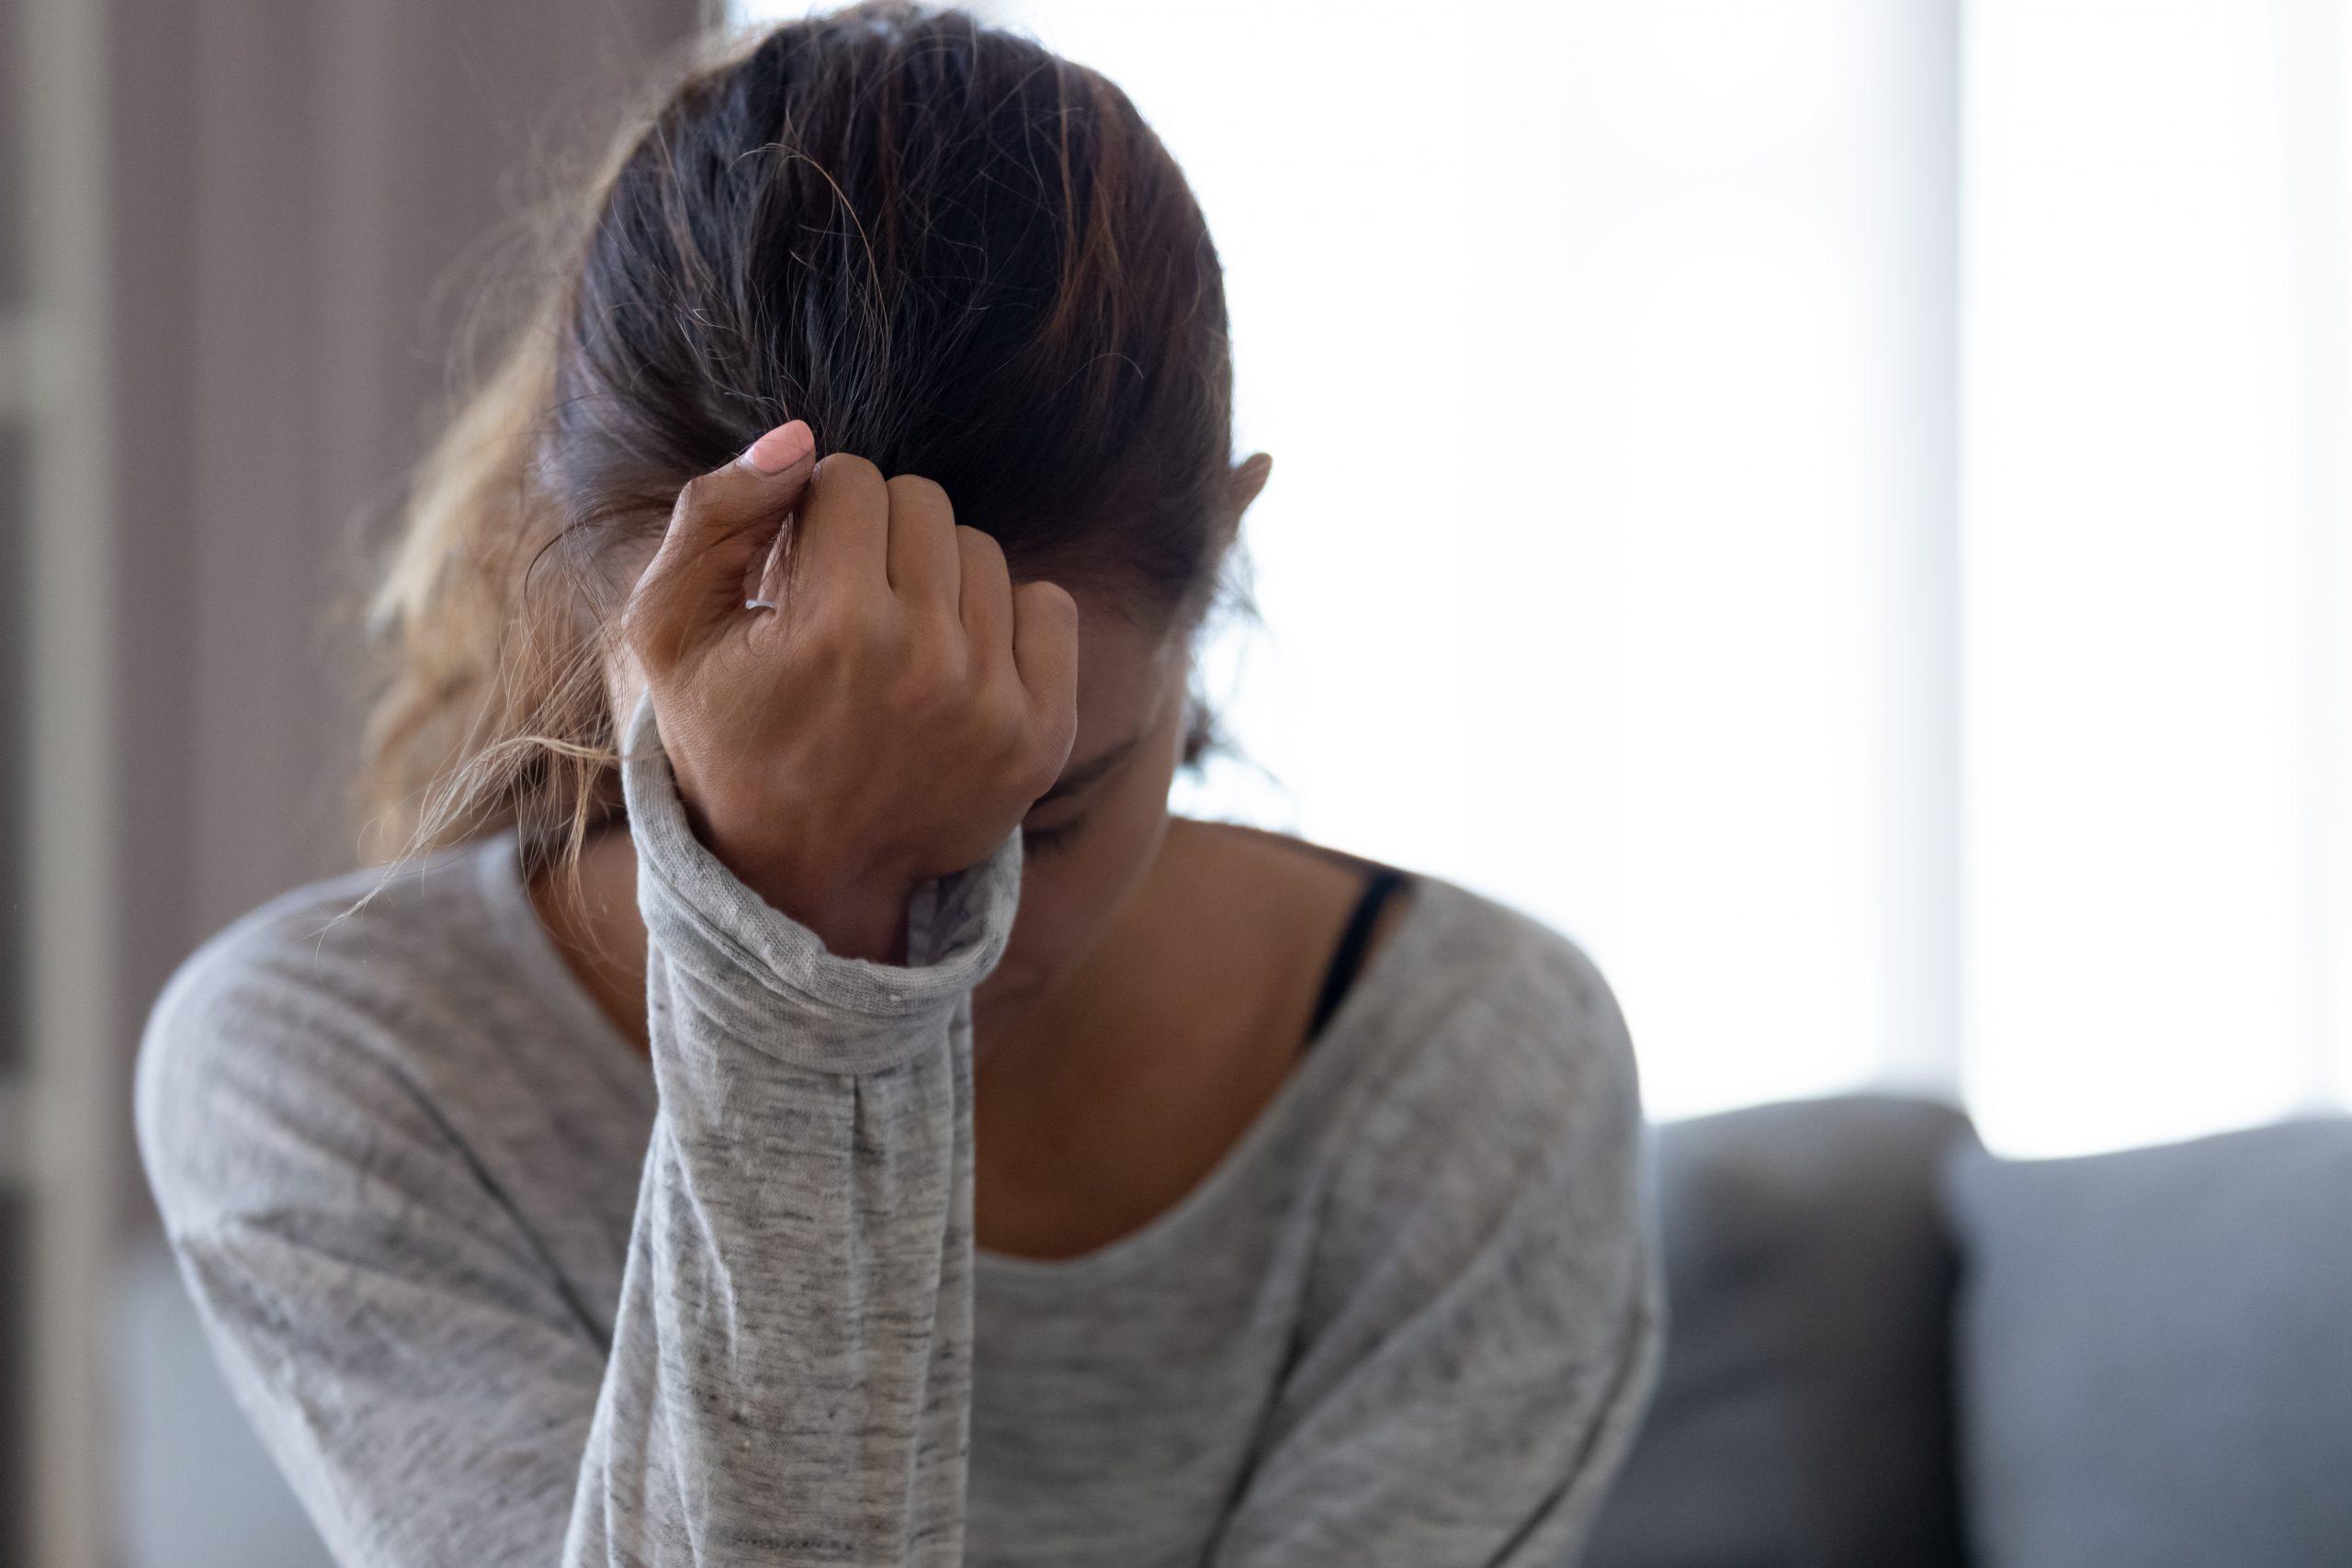 《恋愛占い》|感情・嫉妬心…『今、彼は私にどんな気持ちを抱いてる?』